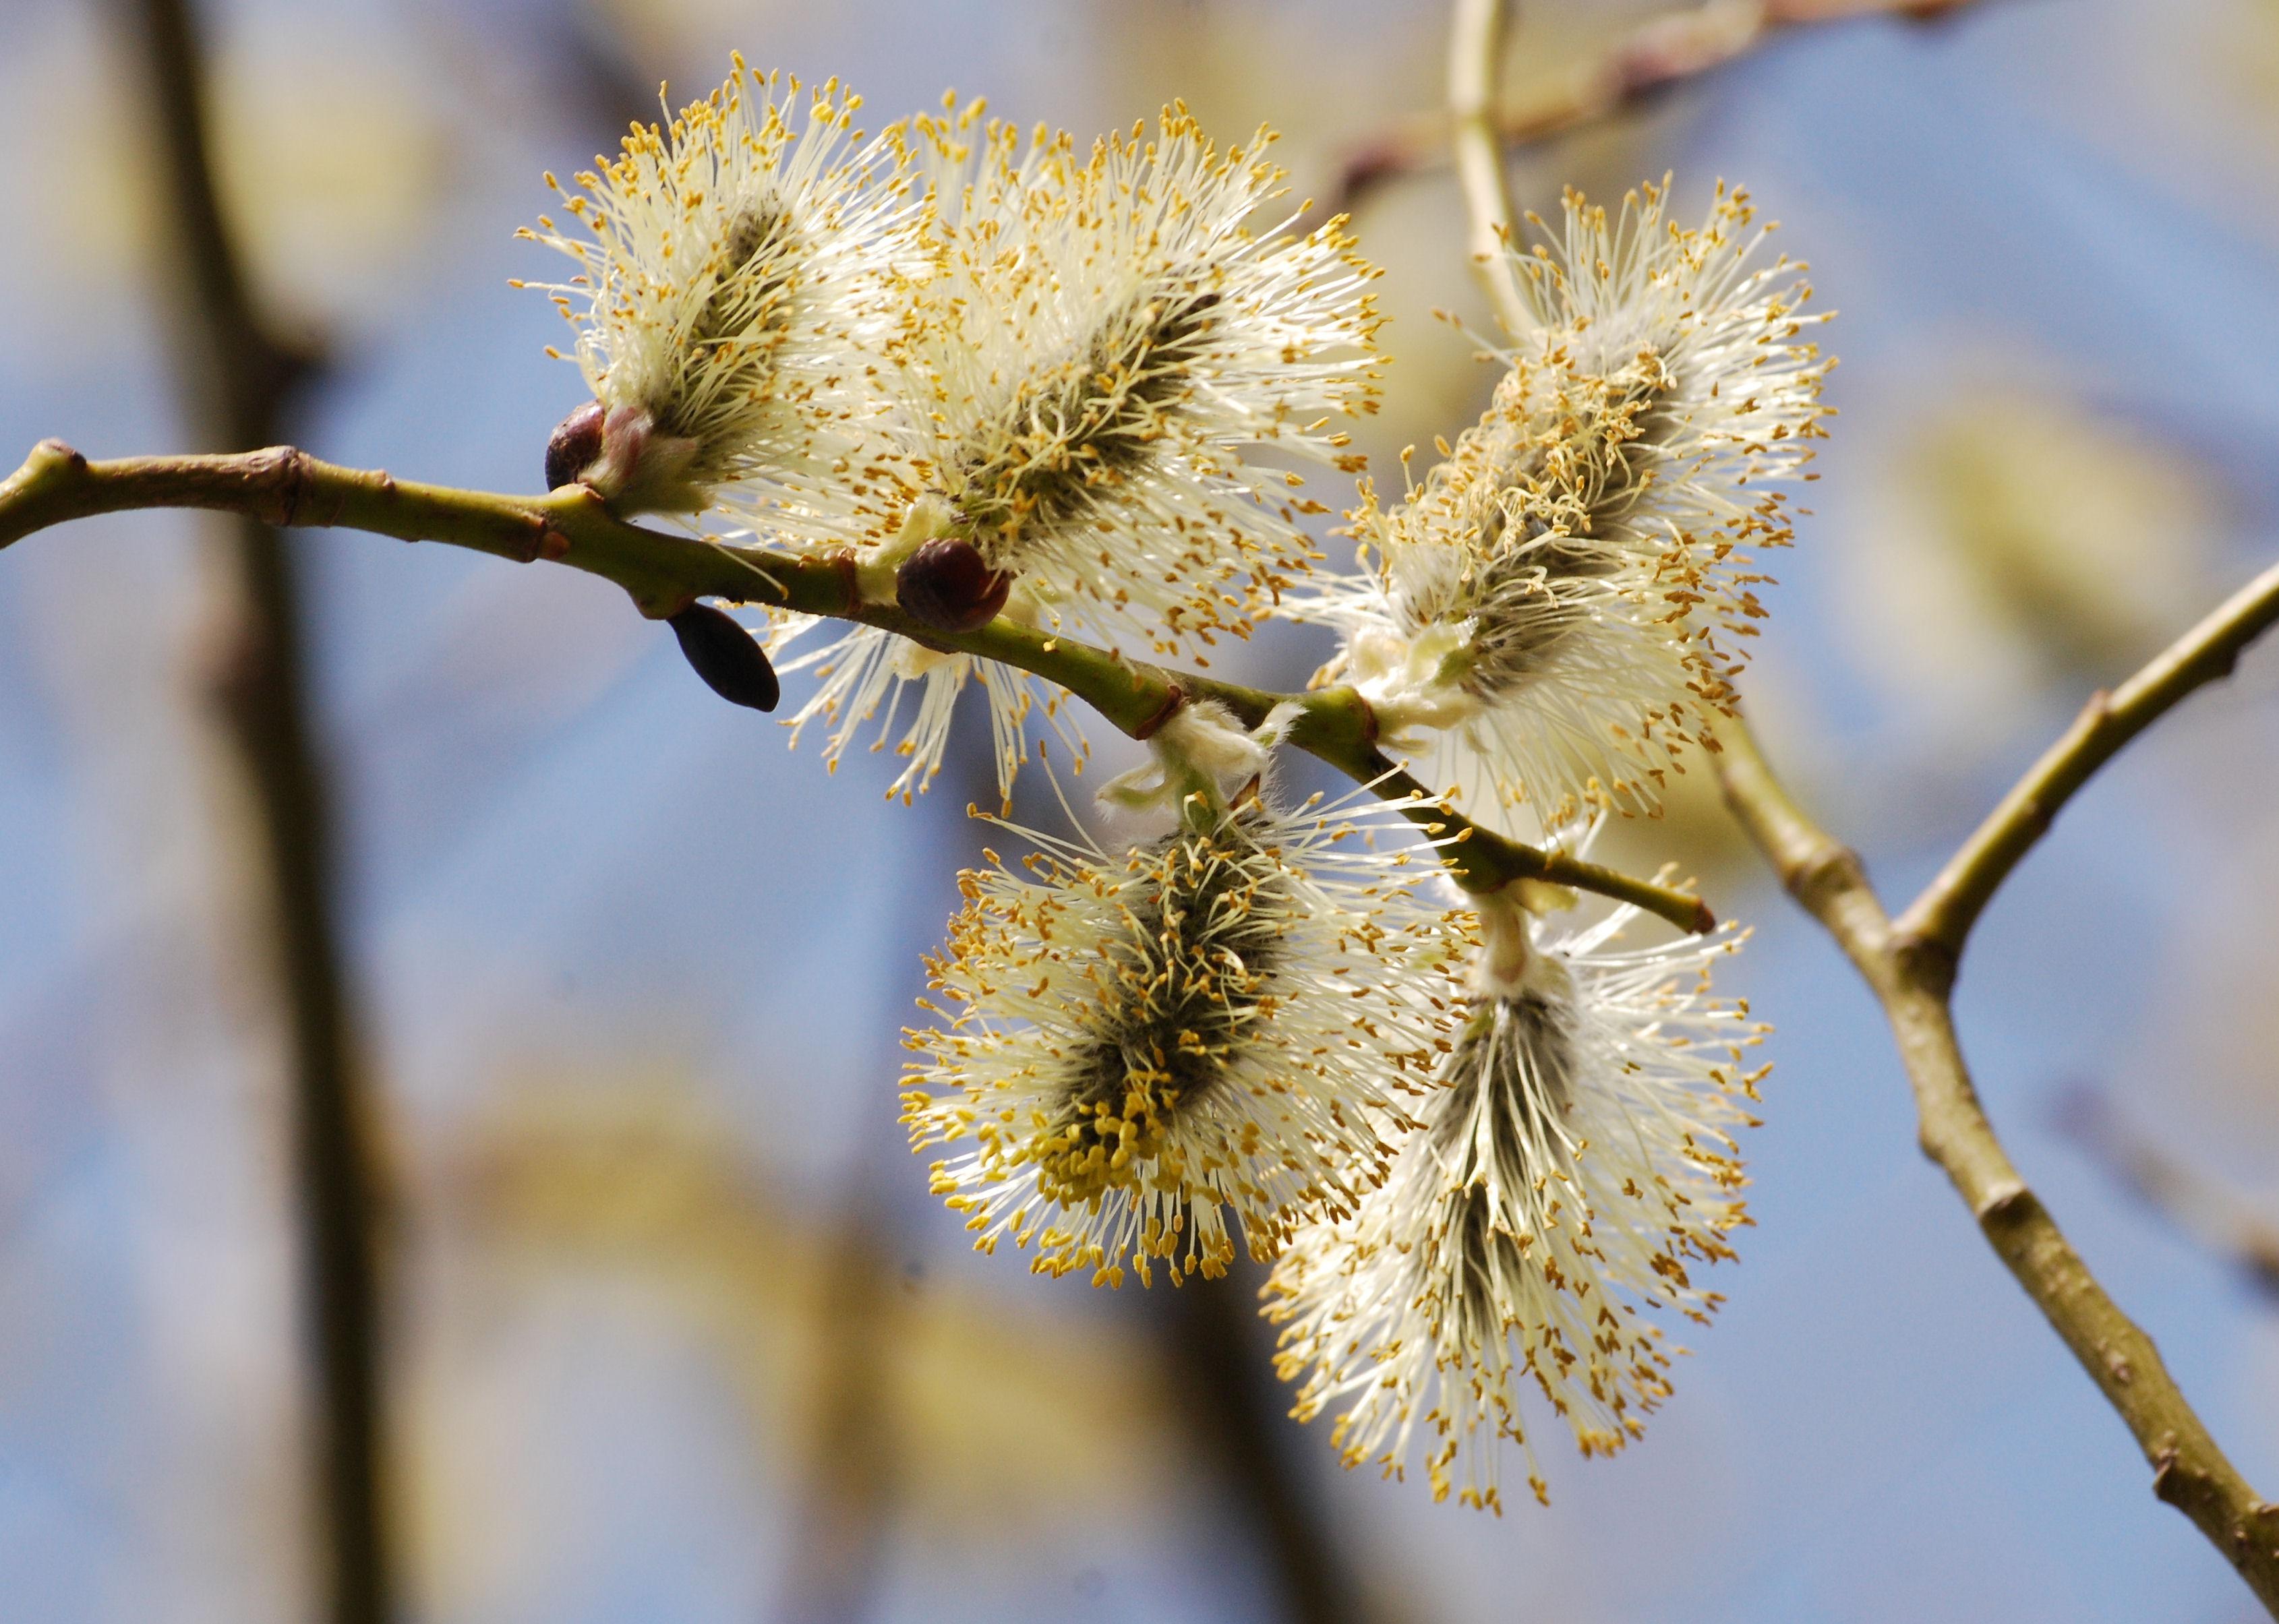 принято весна верба цветет весёлых новогодних